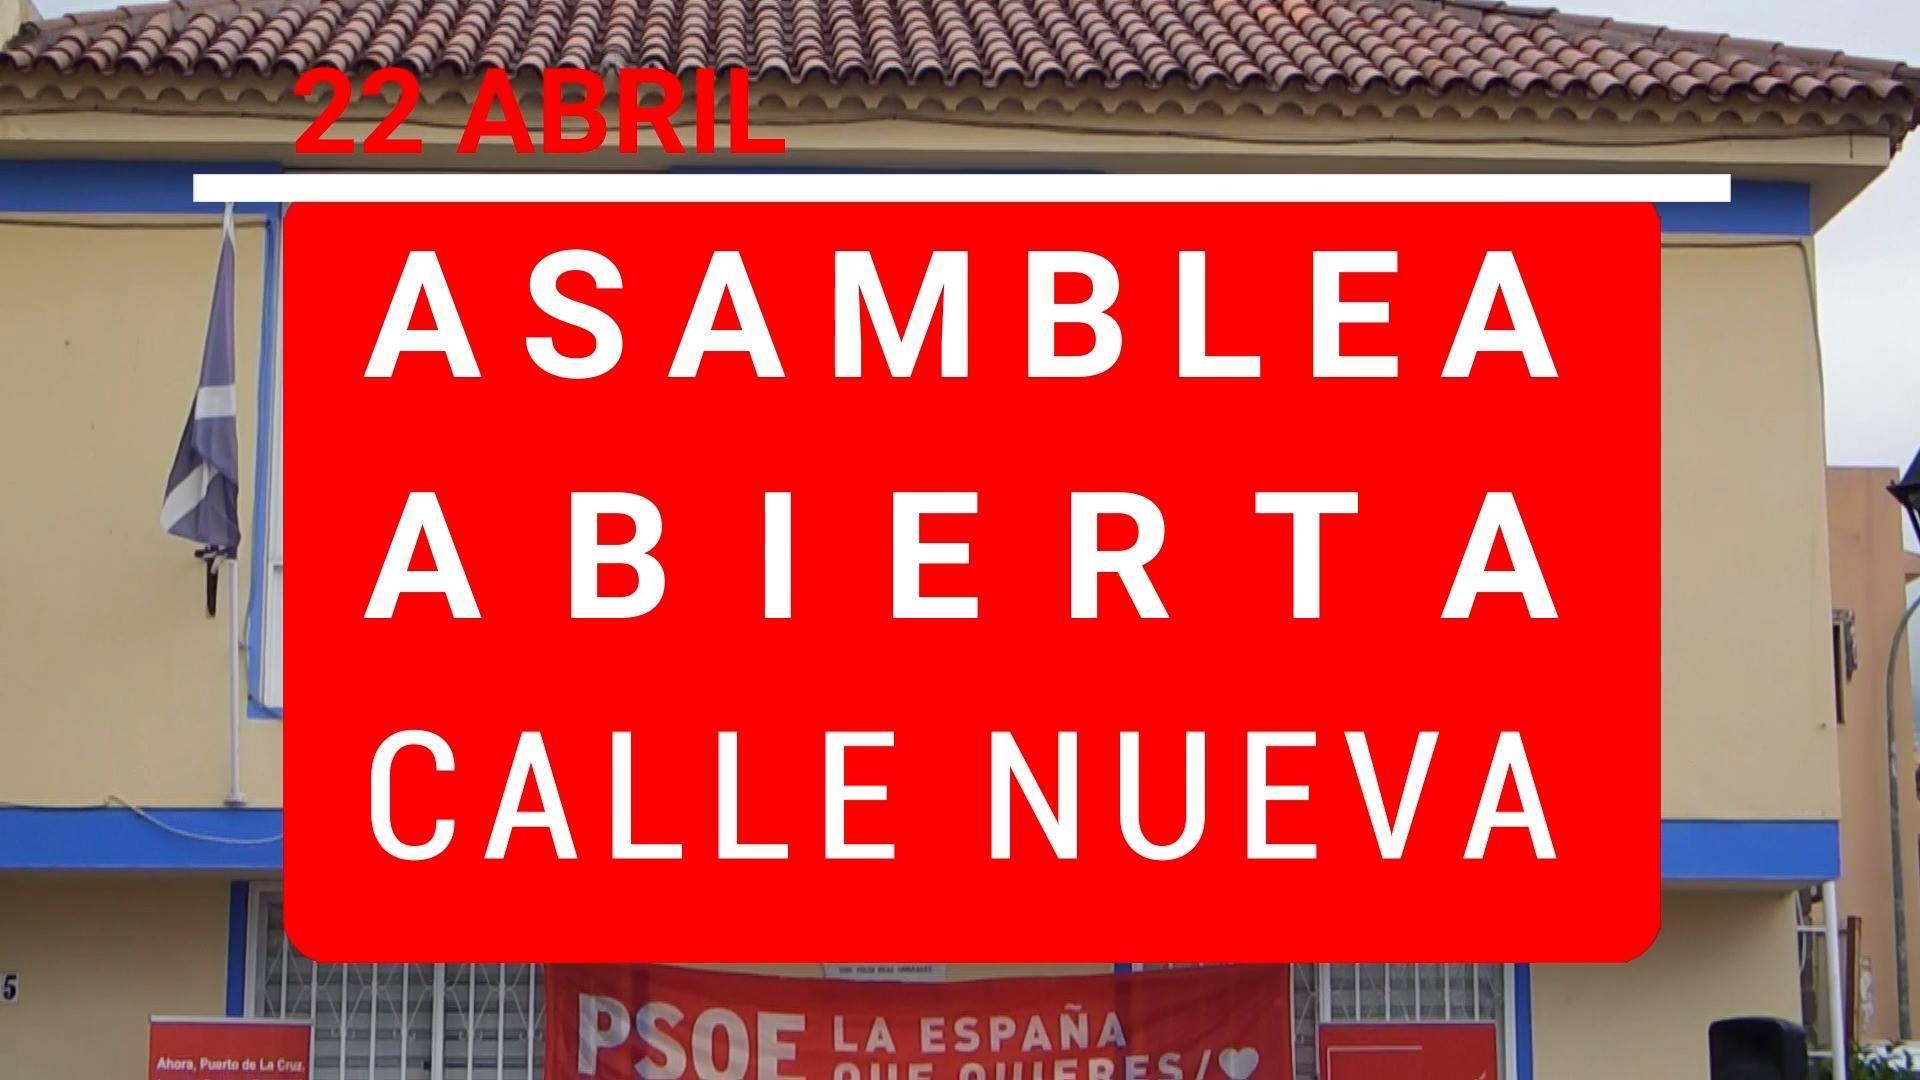 #diariodecampaña ASAMBLEA ABIERTA EN LA CALLE NUEVA